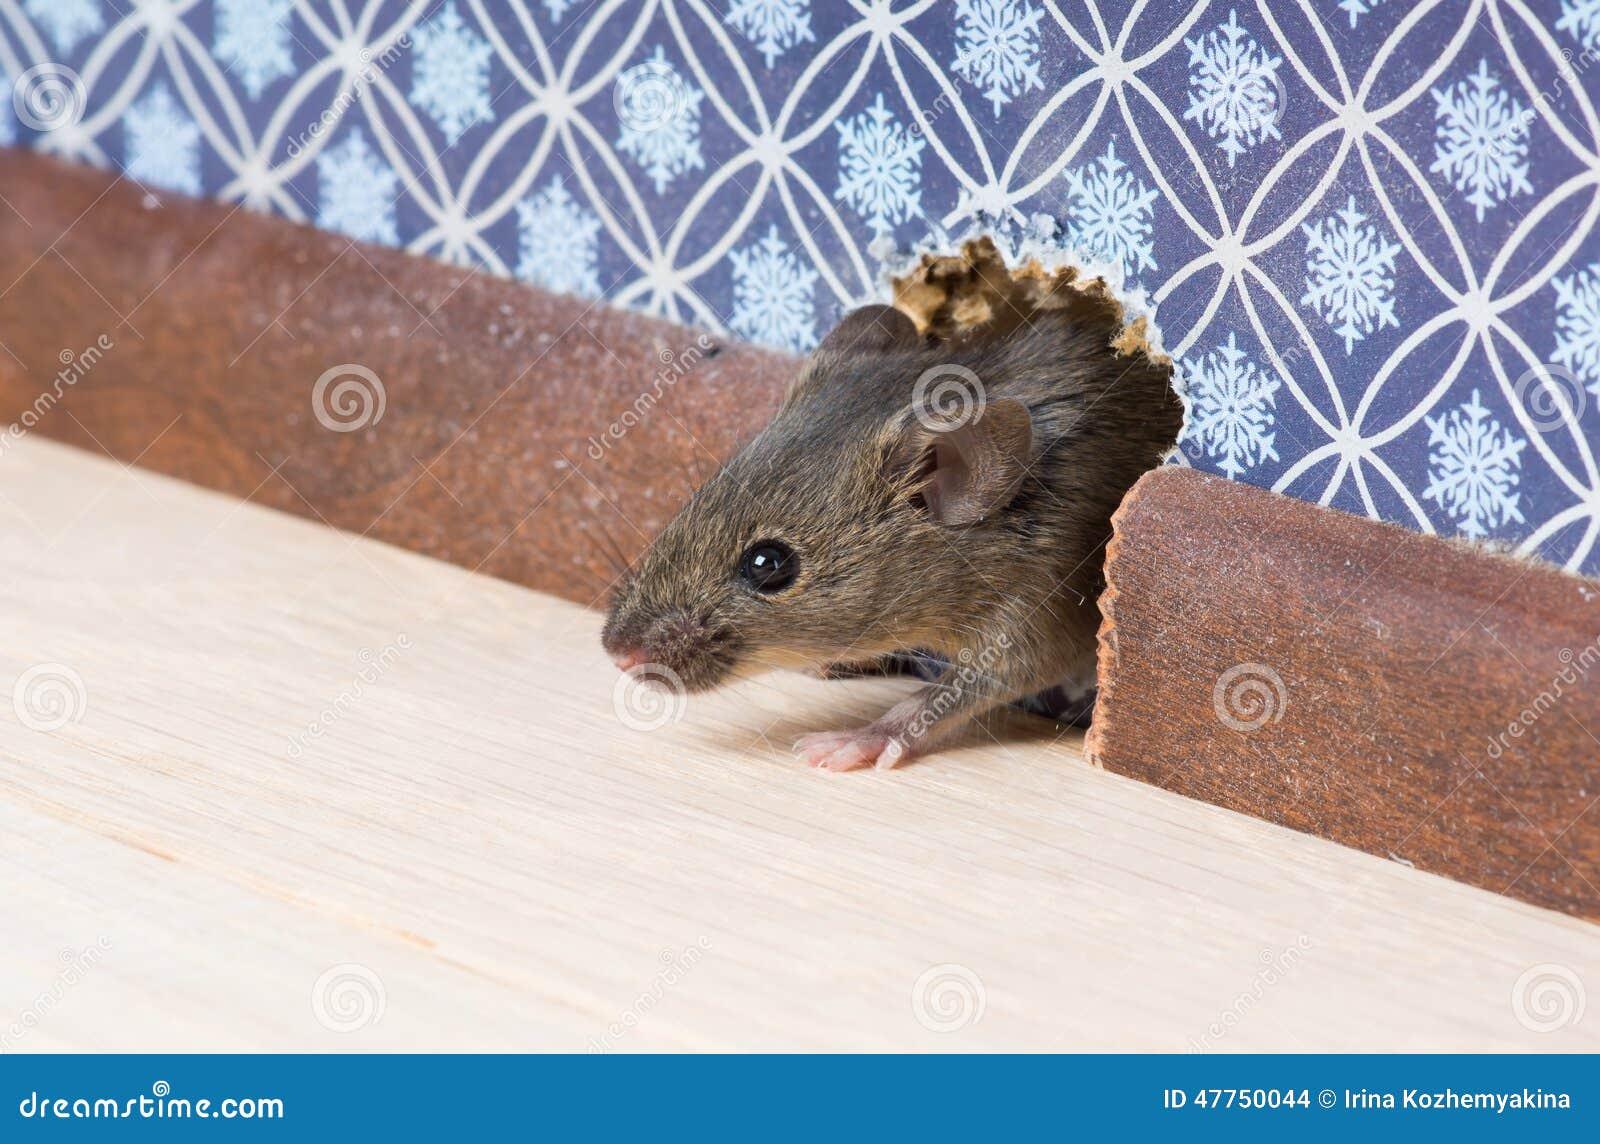 haus maus mus musculus kommt in den raum durch ein loch in der wand stockfoto bild 47750044. Black Bedroom Furniture Sets. Home Design Ideas